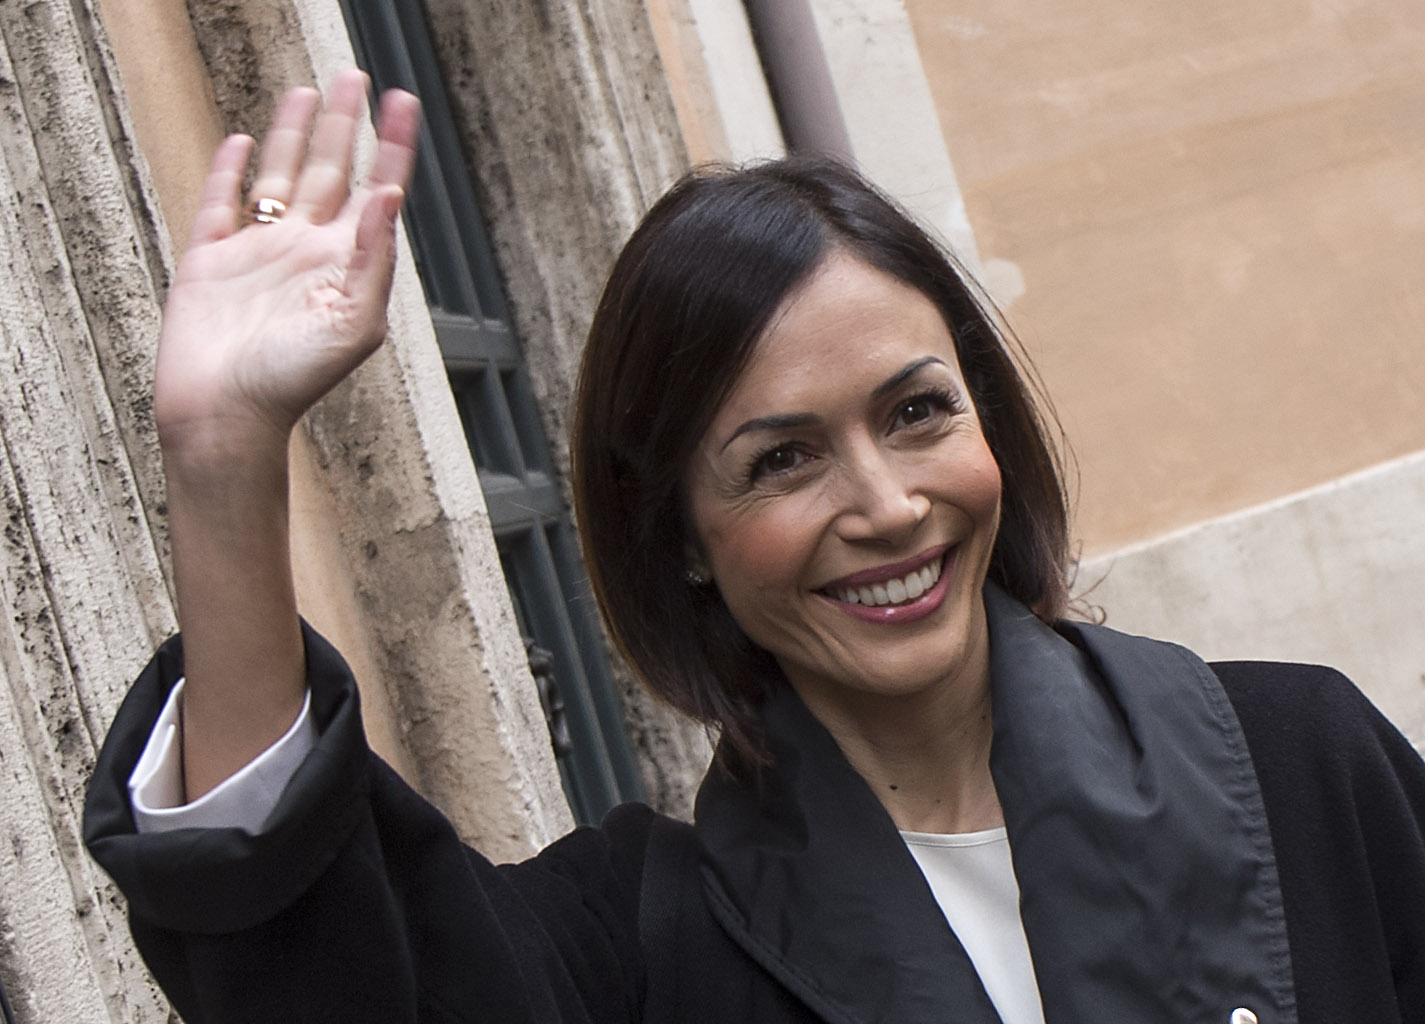 Mara Carfagna è incinta: a 44 anni la vicepresidente della Camera aspetta  una bambina - Gazzetta del Sud